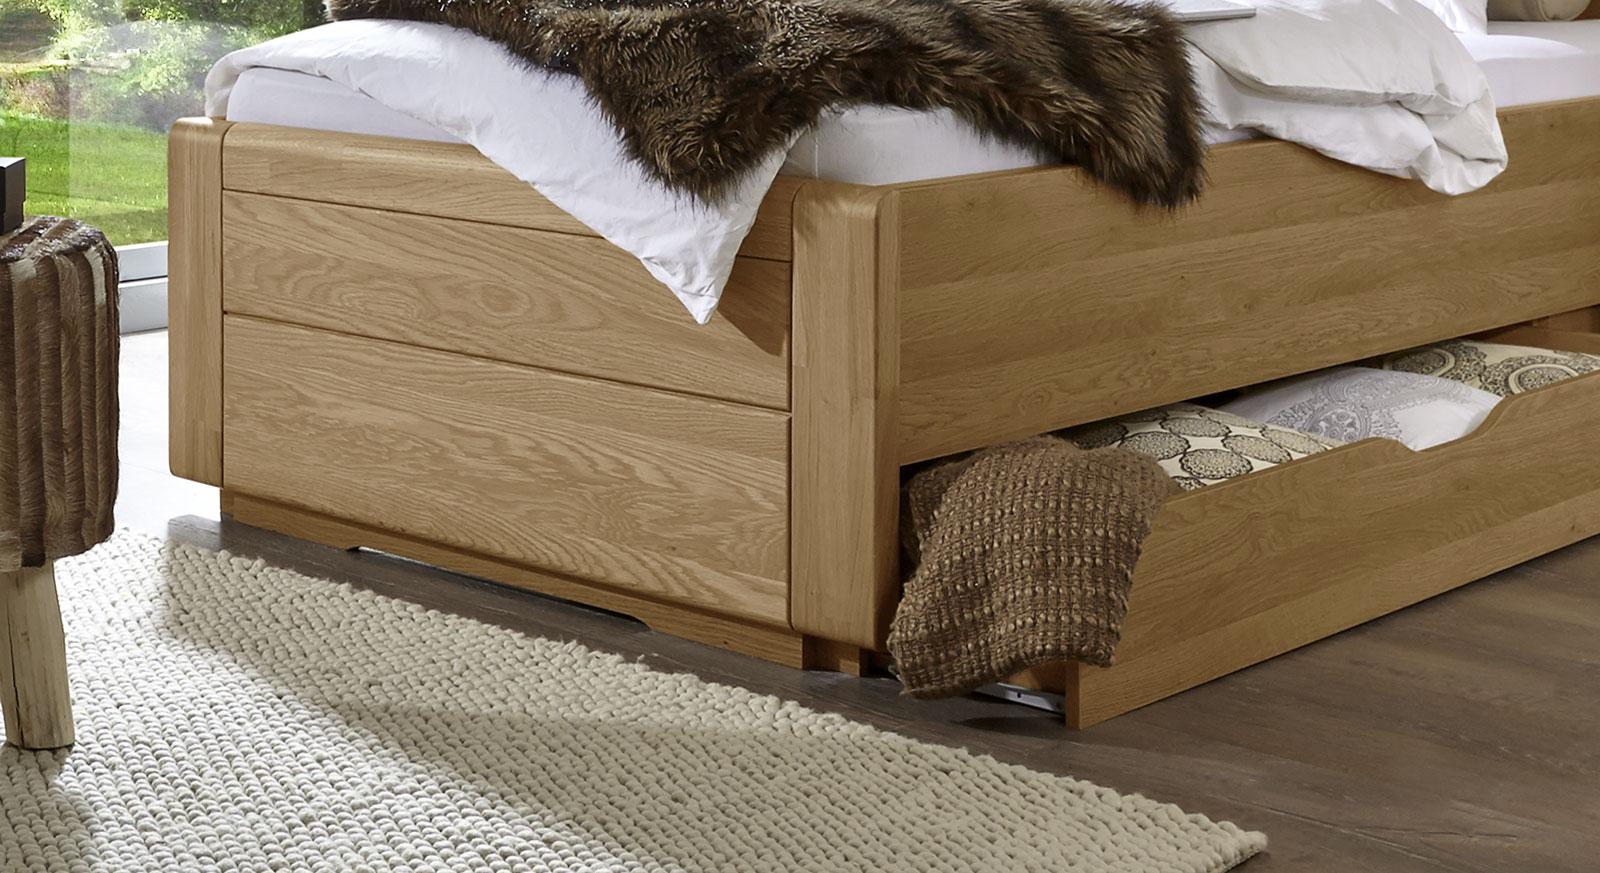 einzelbett landhausstil mit schubladen eiche teilmassiv. Black Bedroom Furniture Sets. Home Design Ideas